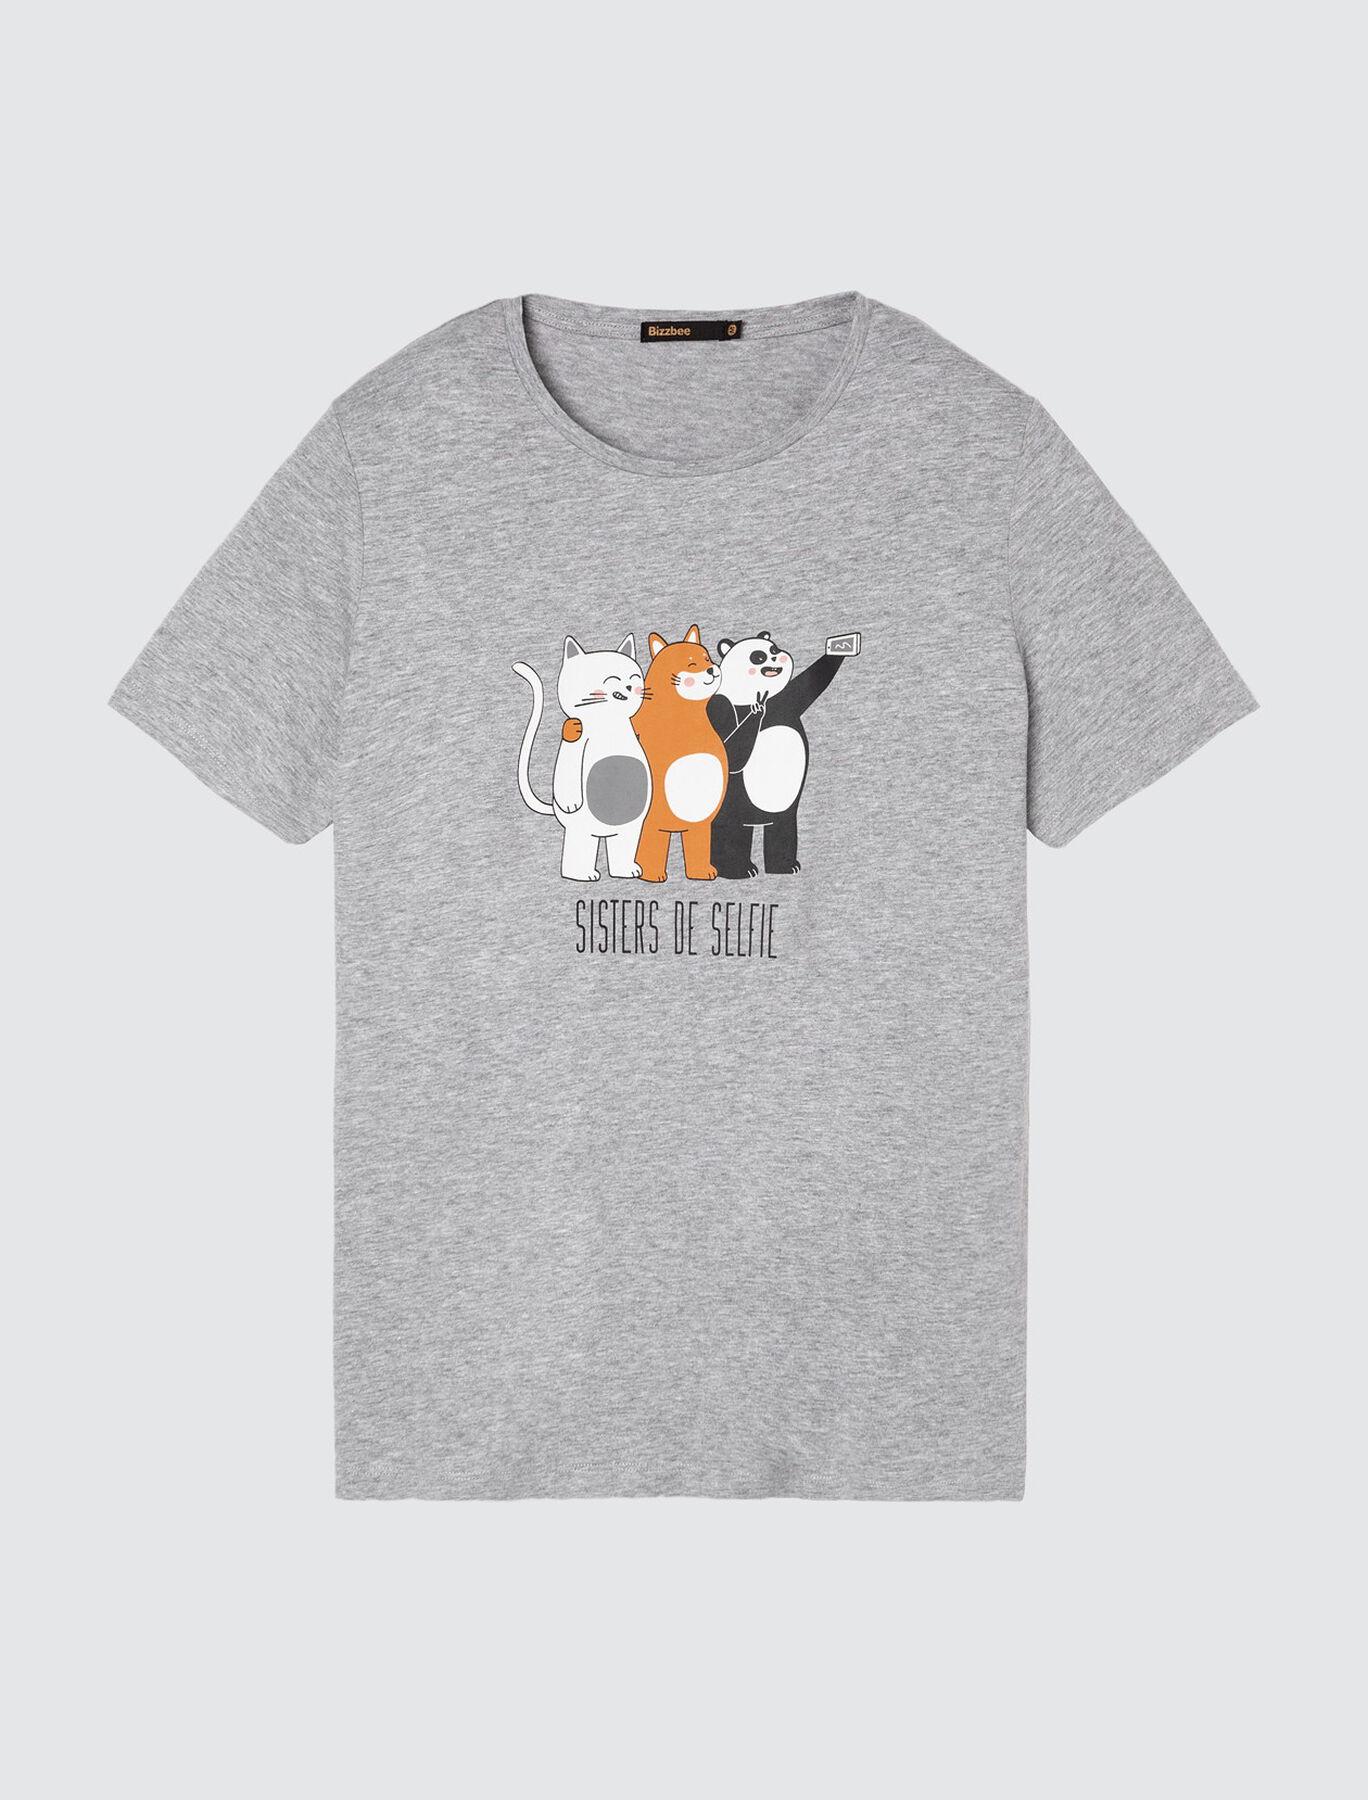 """T-shirt message """" Sisters de selfie"""""""